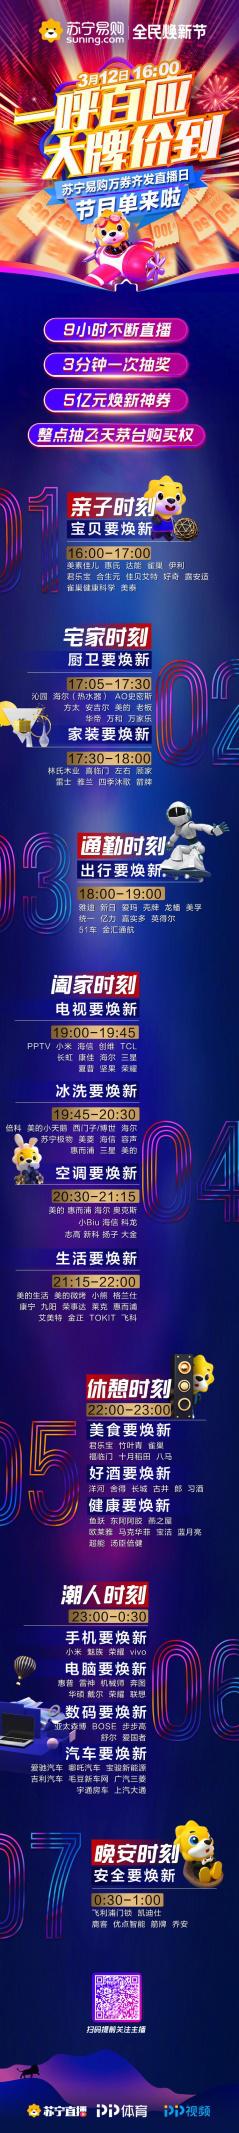 315苏宁150大牌直播再曝福利:多个爆款价低于双十一